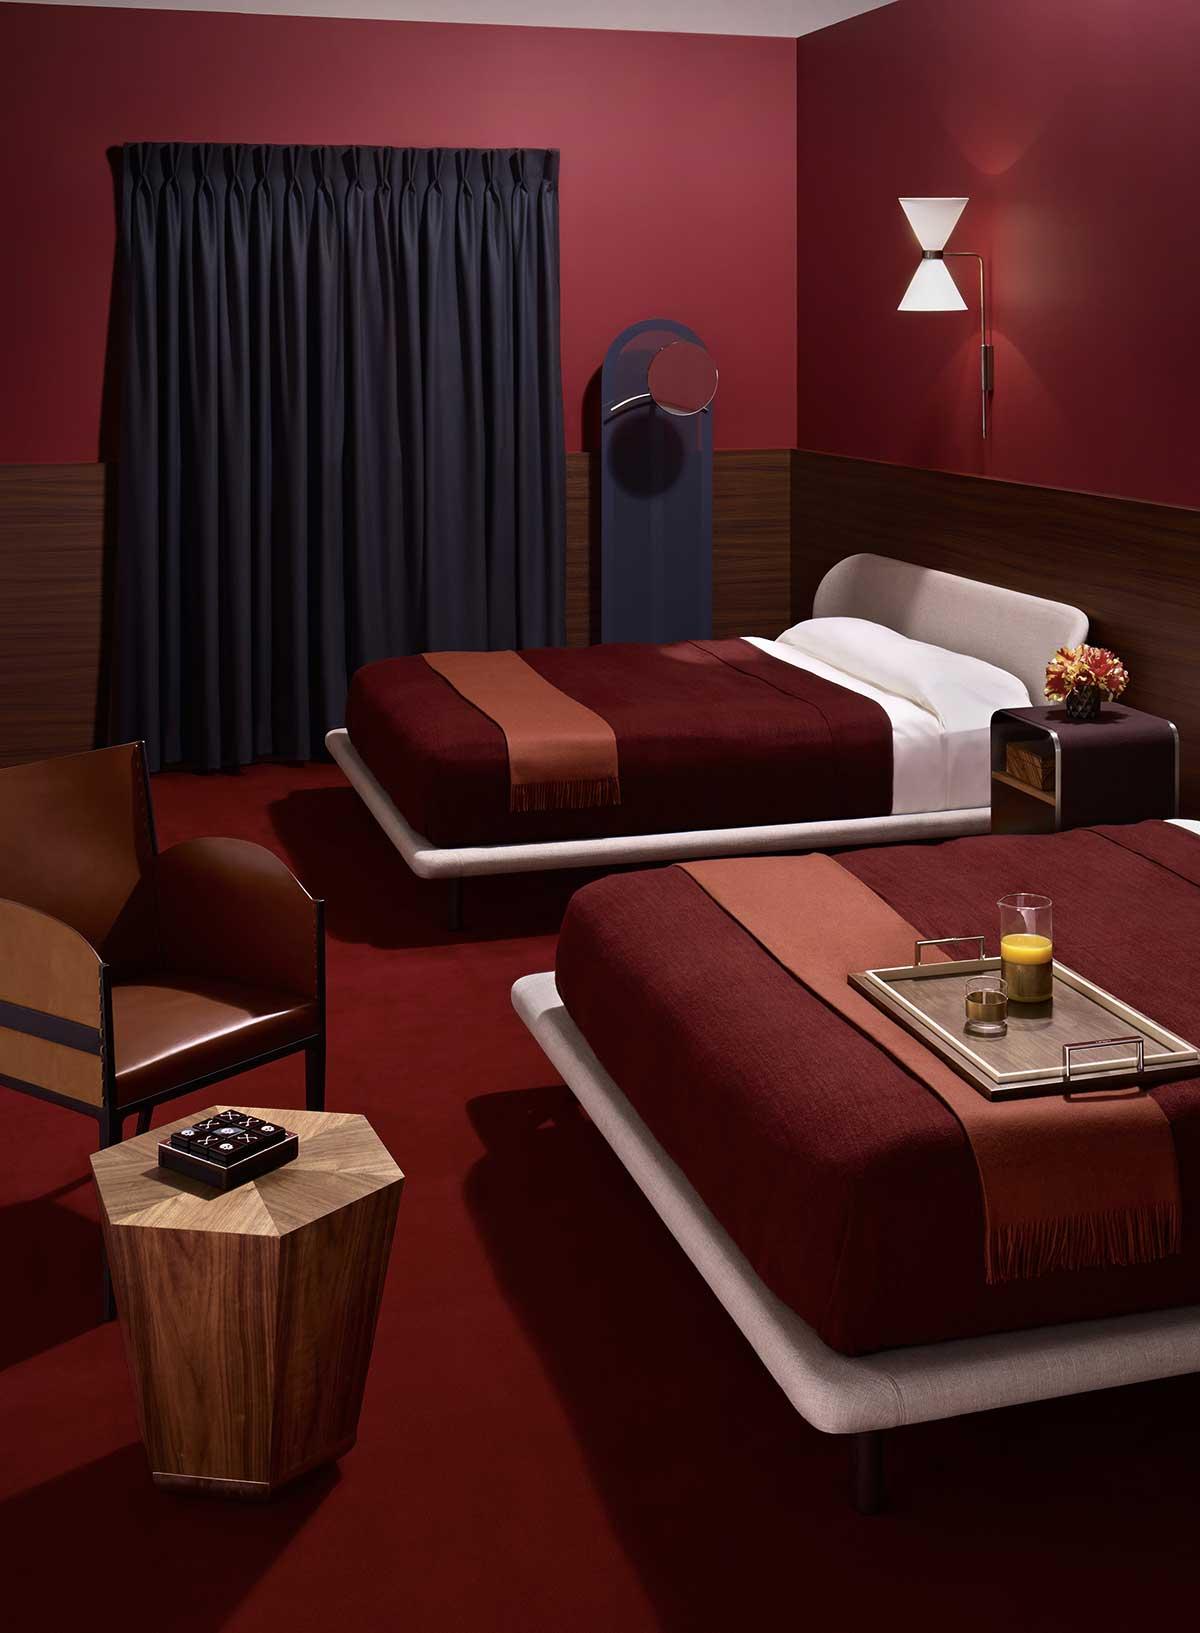 70s Motel Interior Style via Wallpaper